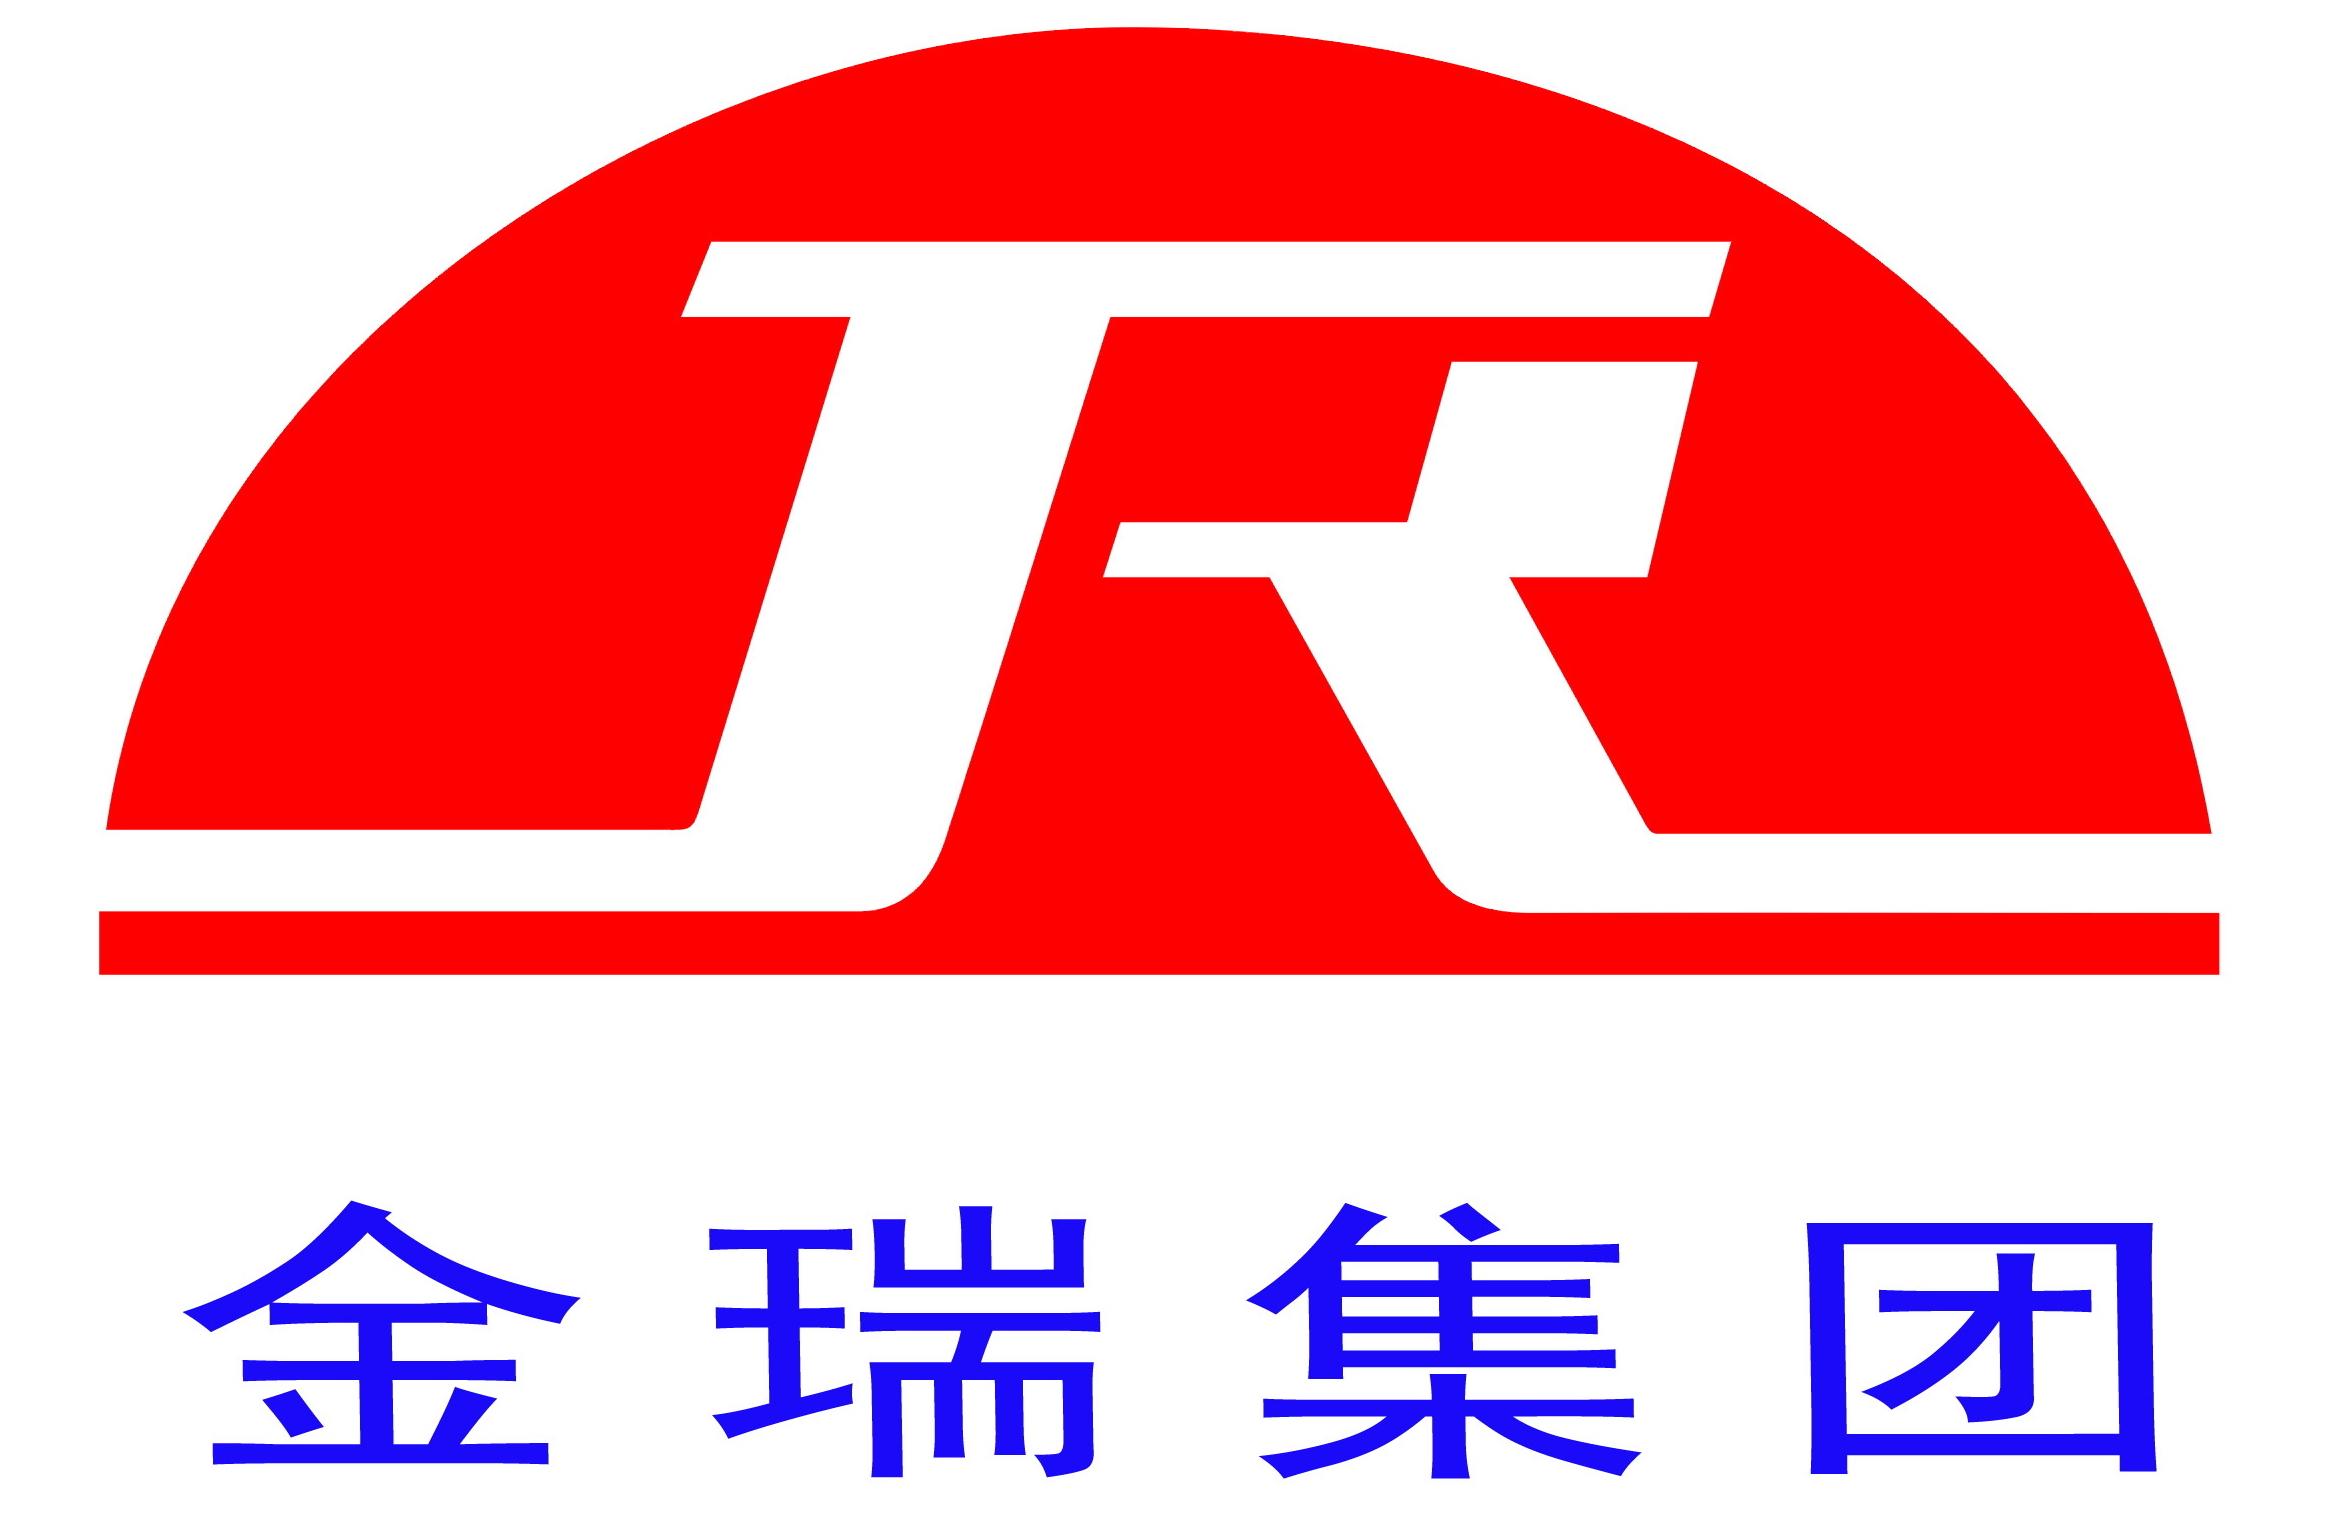 上海金瑞建设集团有限公司